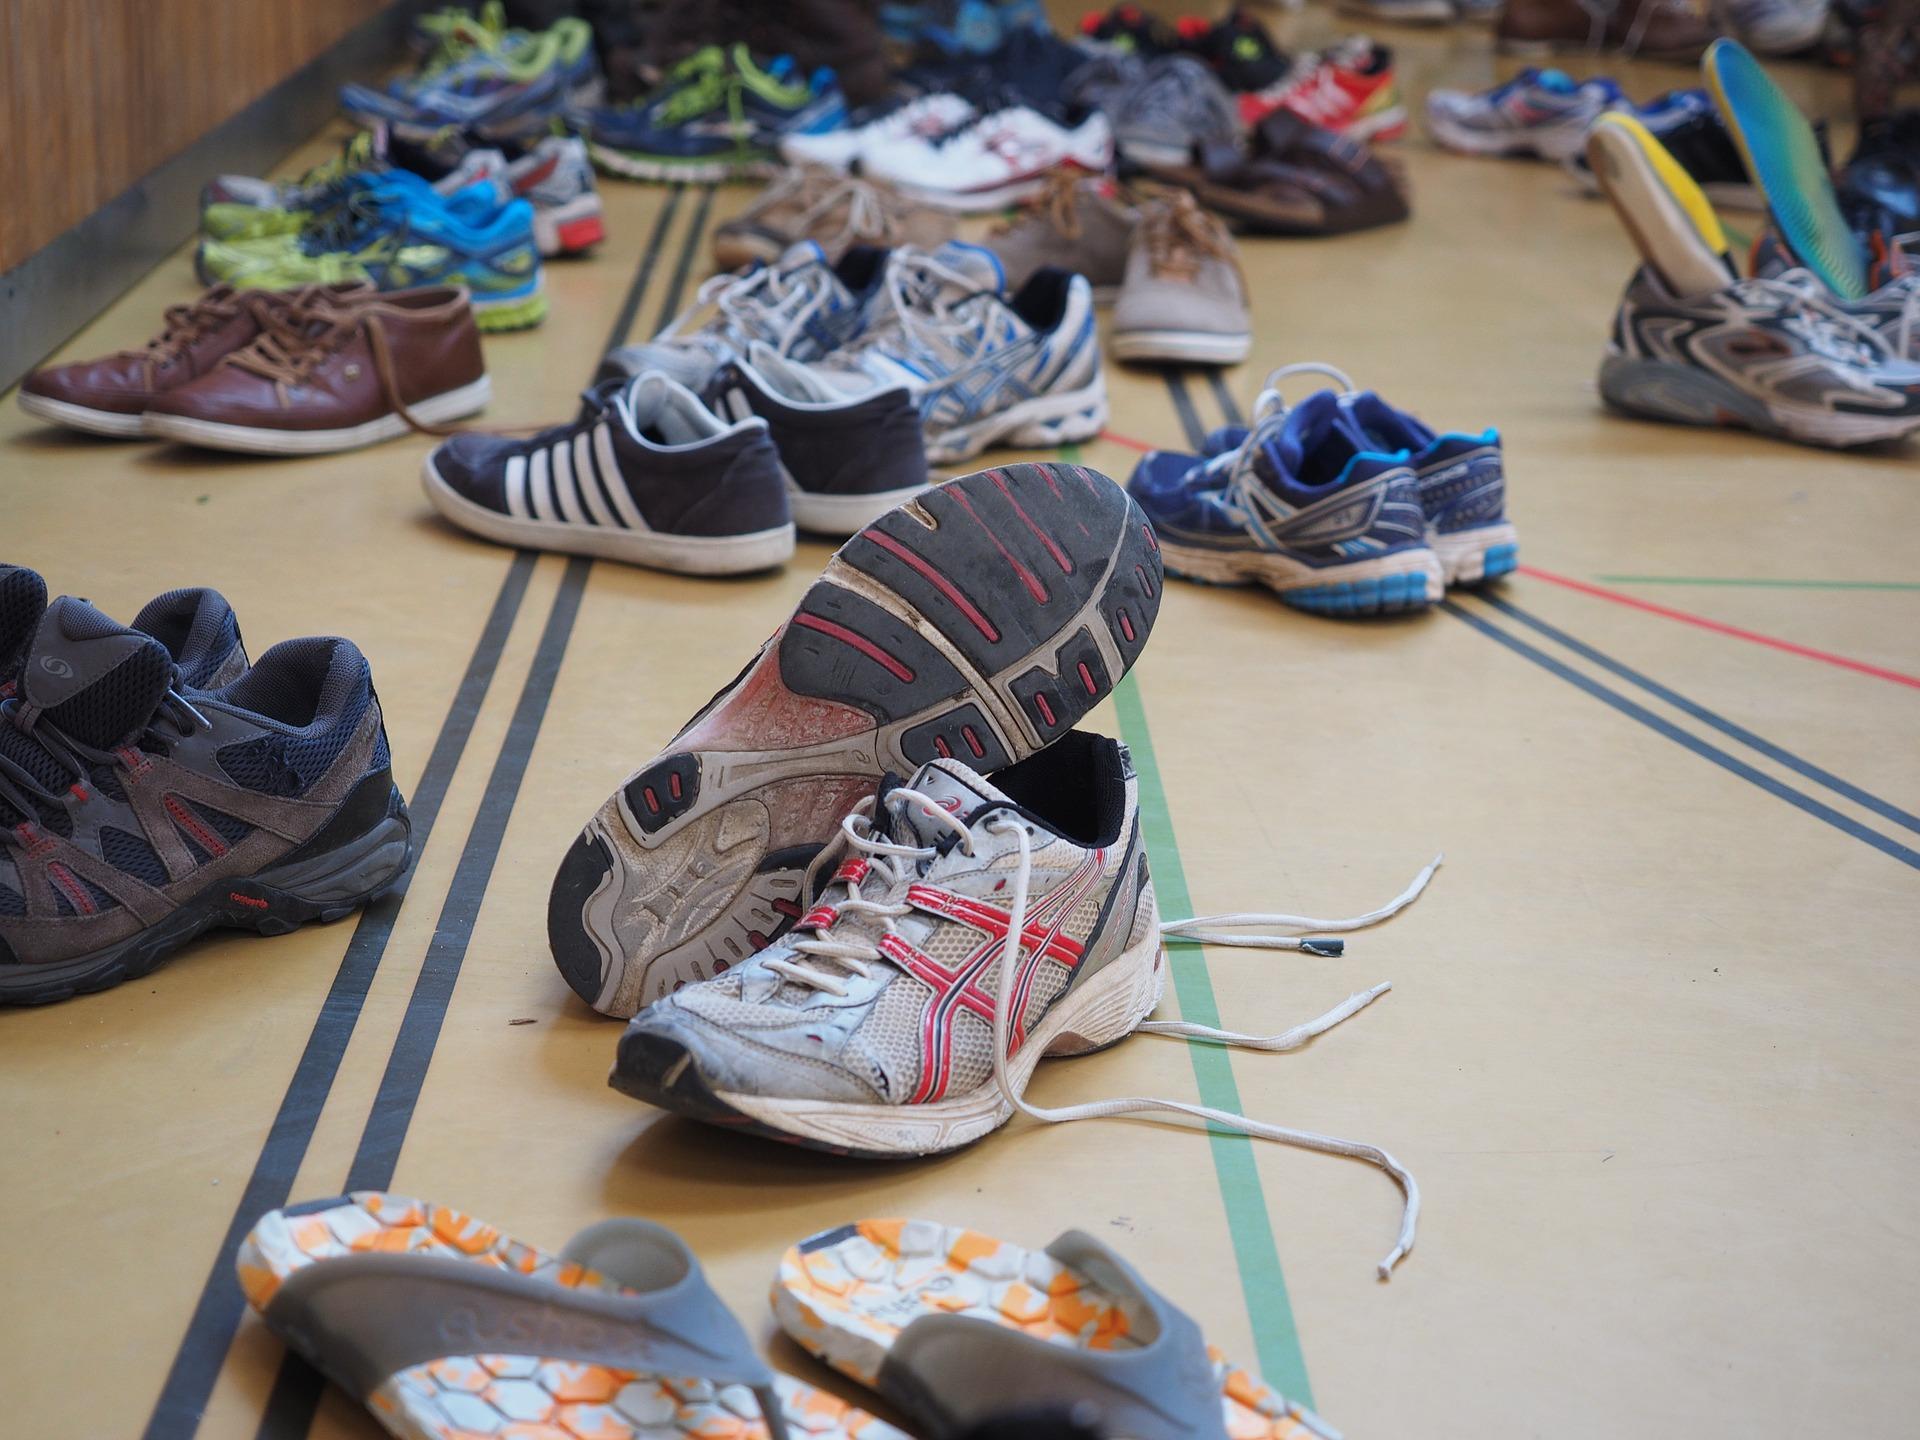 Кеды или кроссовки: что лучше купить?